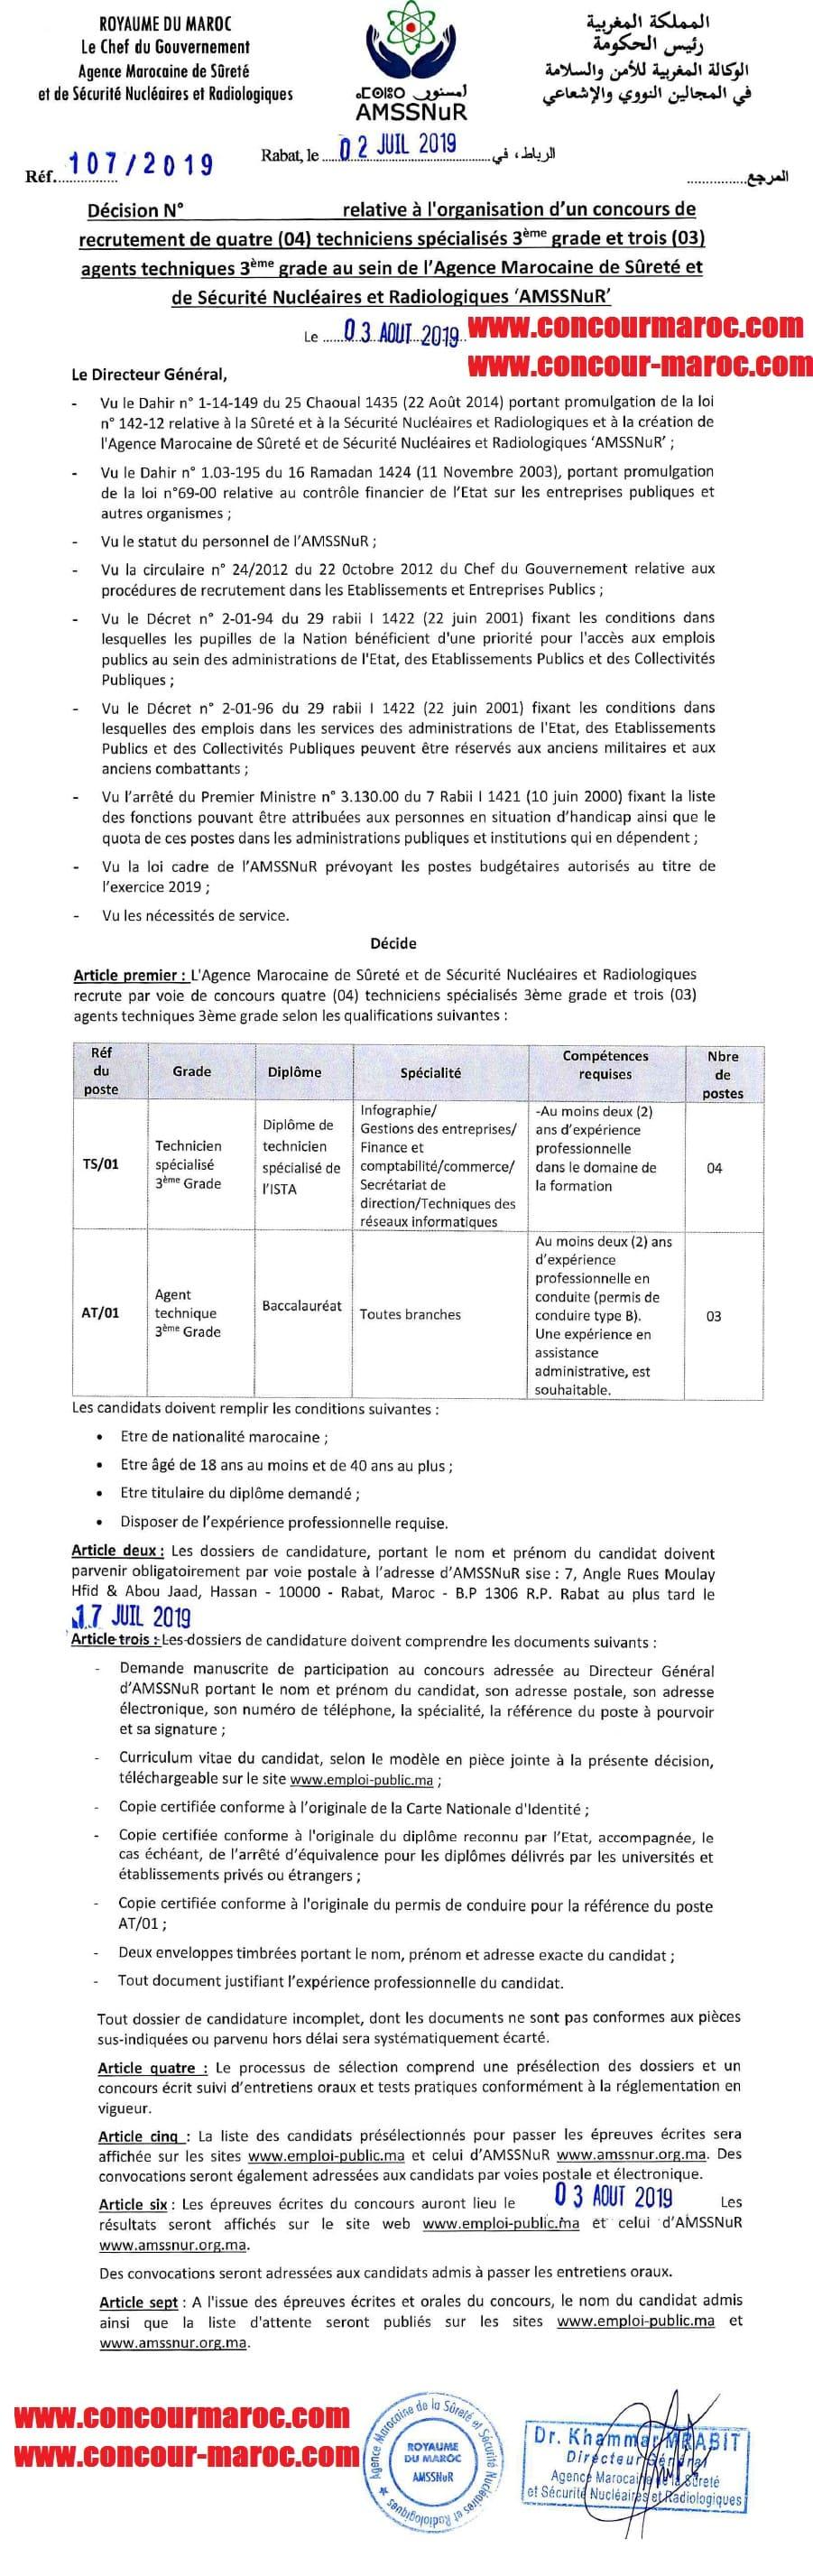 الوكالة المغربية للأمن والسلامة في المجالين النووي والإشعاعي مباراة توظيف 03 سائقين مساعدين اداريين و 04 تقنيين متخصصين قبل 17 يوليوز 2019  Amssnu10